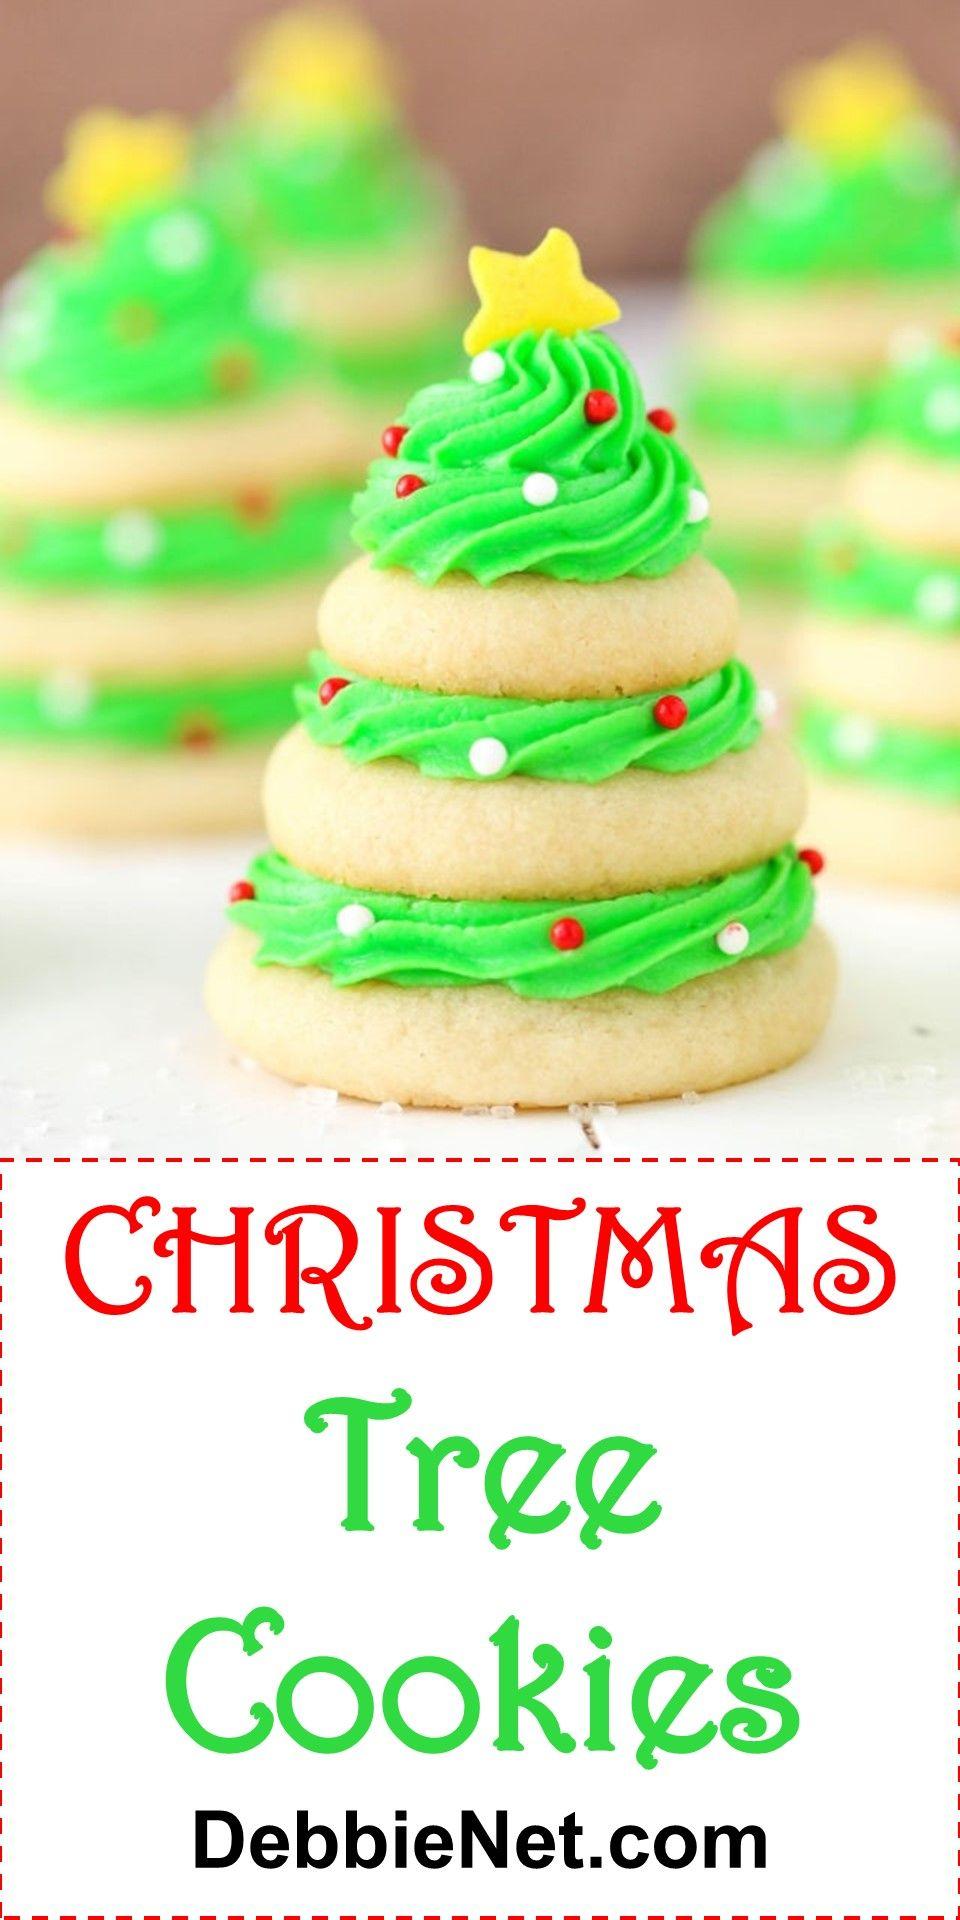 Christmas Tree Cookies Recipe Debbienet Com Recipe Christmas Tree Cookie Recipes Christmas Tree Cookies Christmas Baking